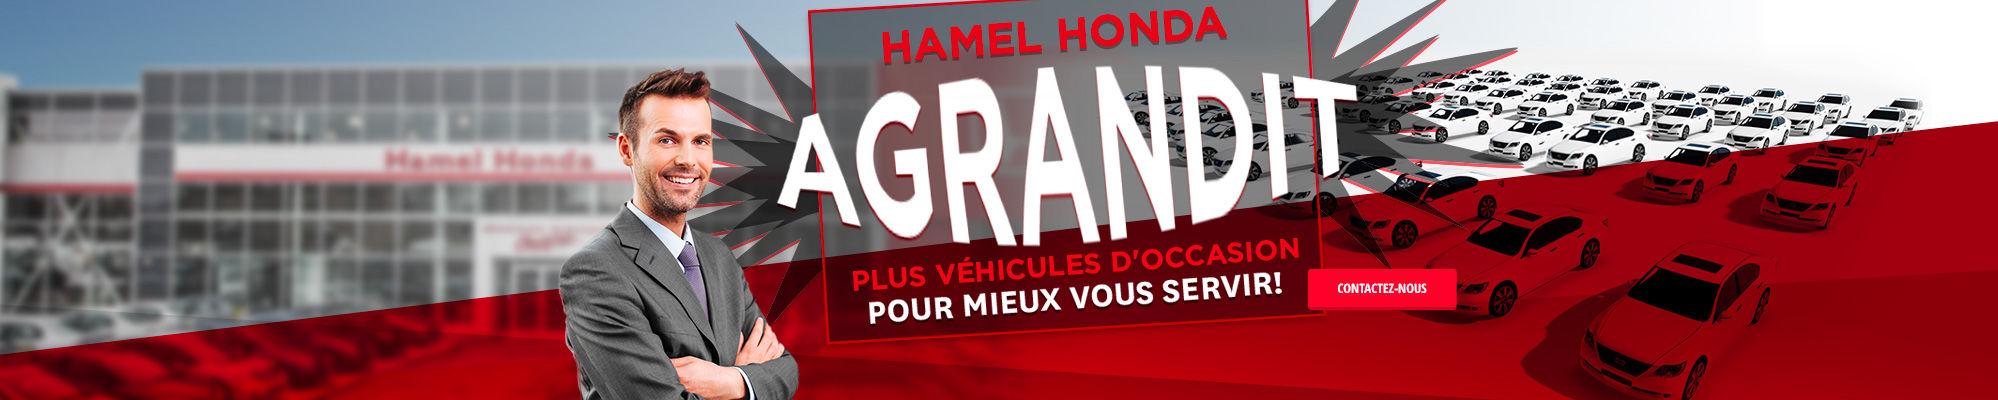 Hamel Honda s'agrandit !